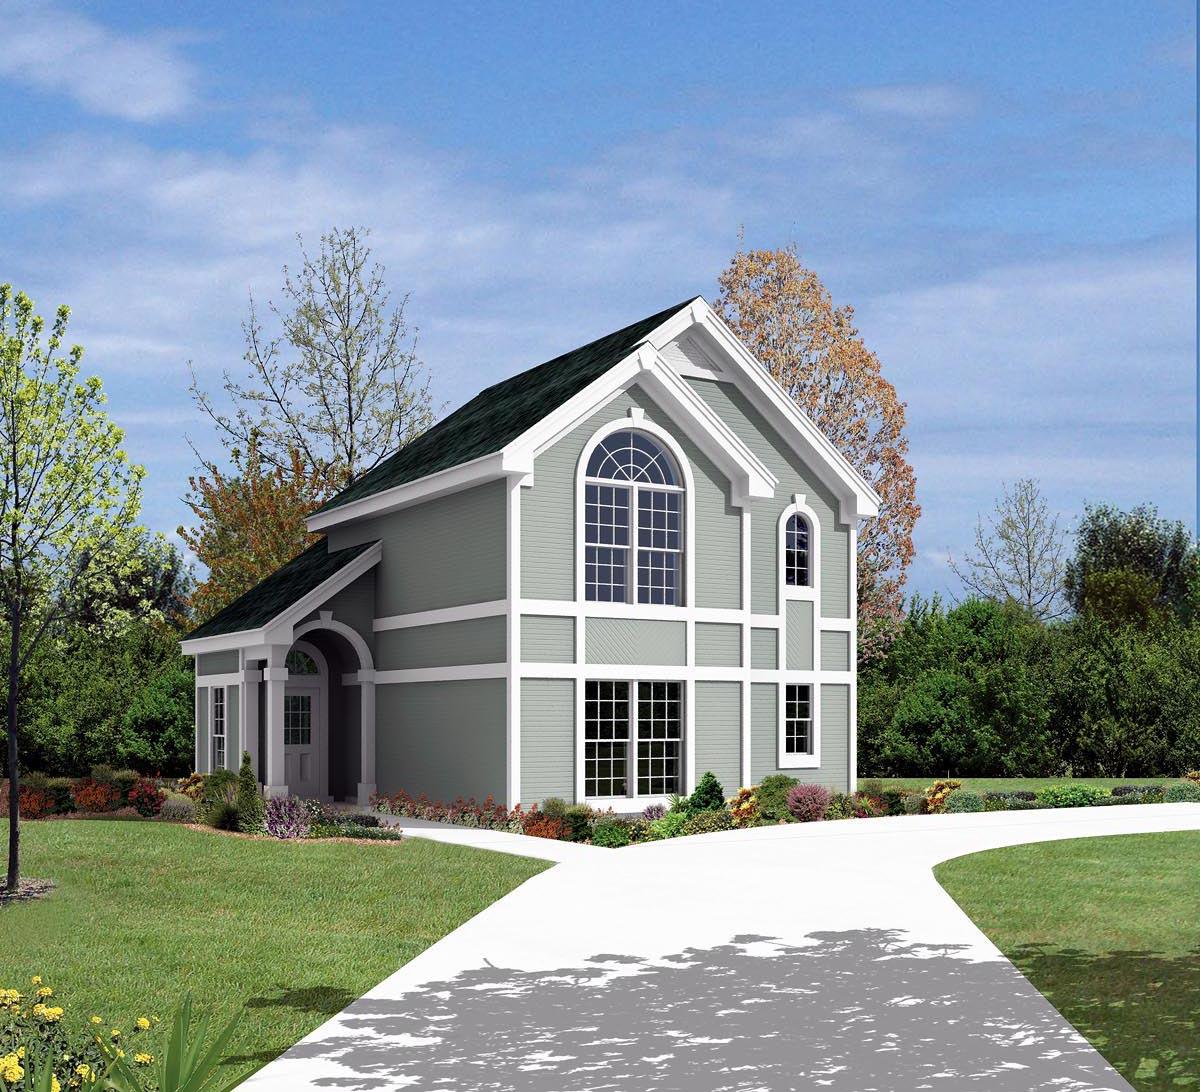 Garage Plan 95826 At Familyhomeplans Com: Garage Plan 86964 At FamilyHomePlans.com